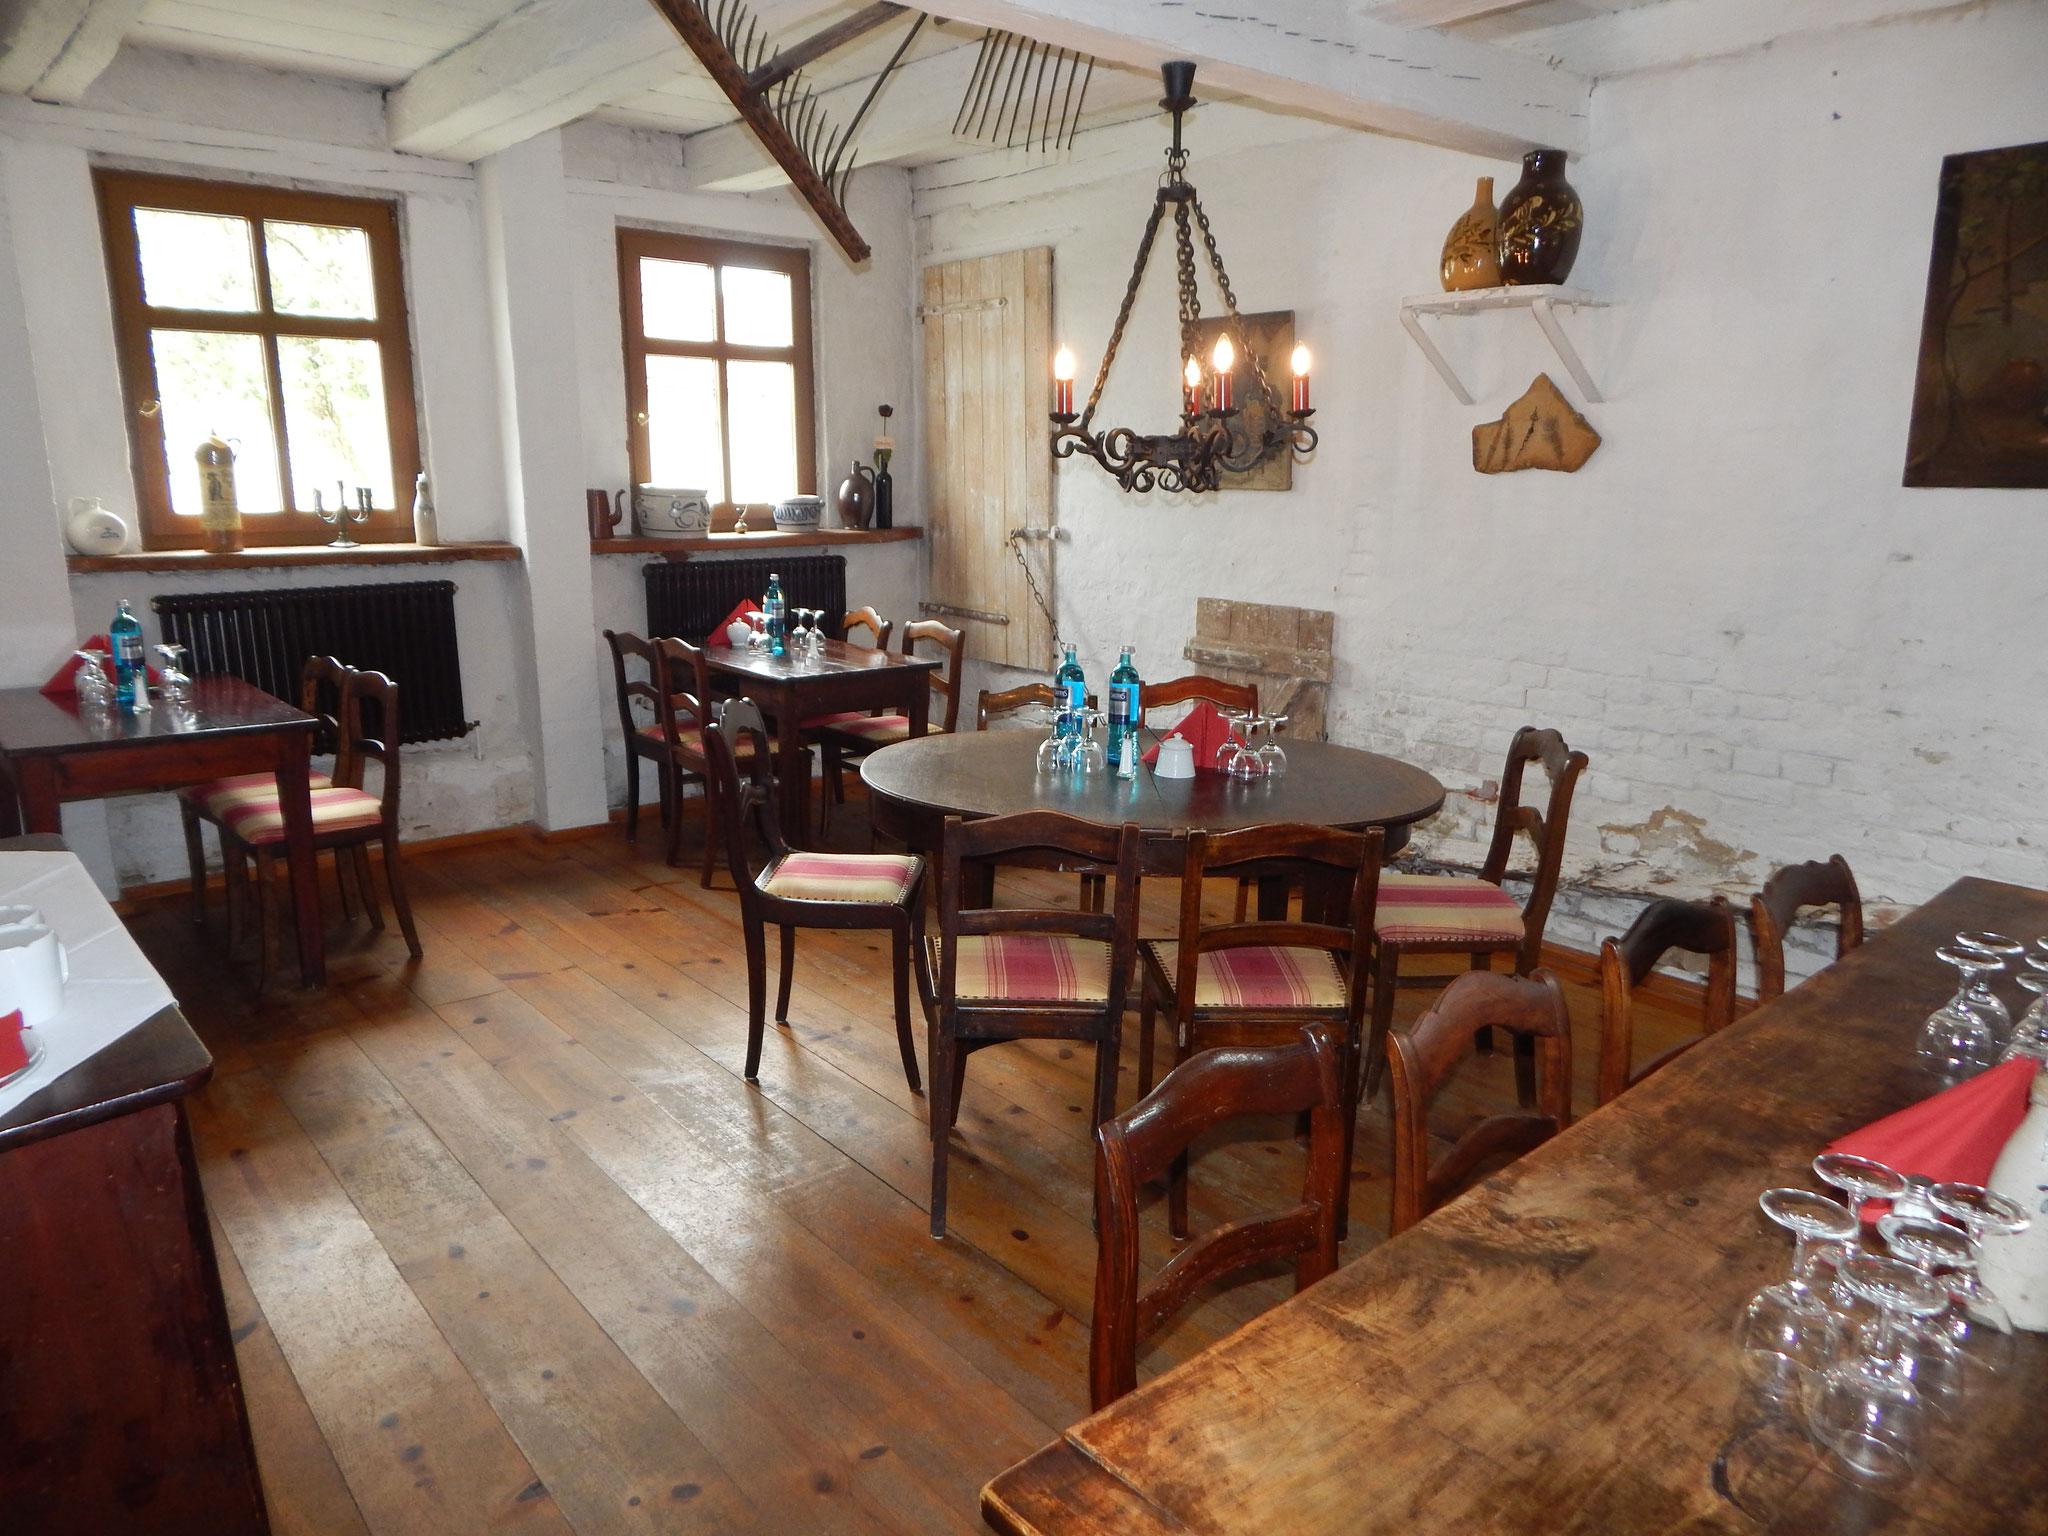 Schankstube 12 Mönche im Hotel Alte Försterei Kloster Zinna